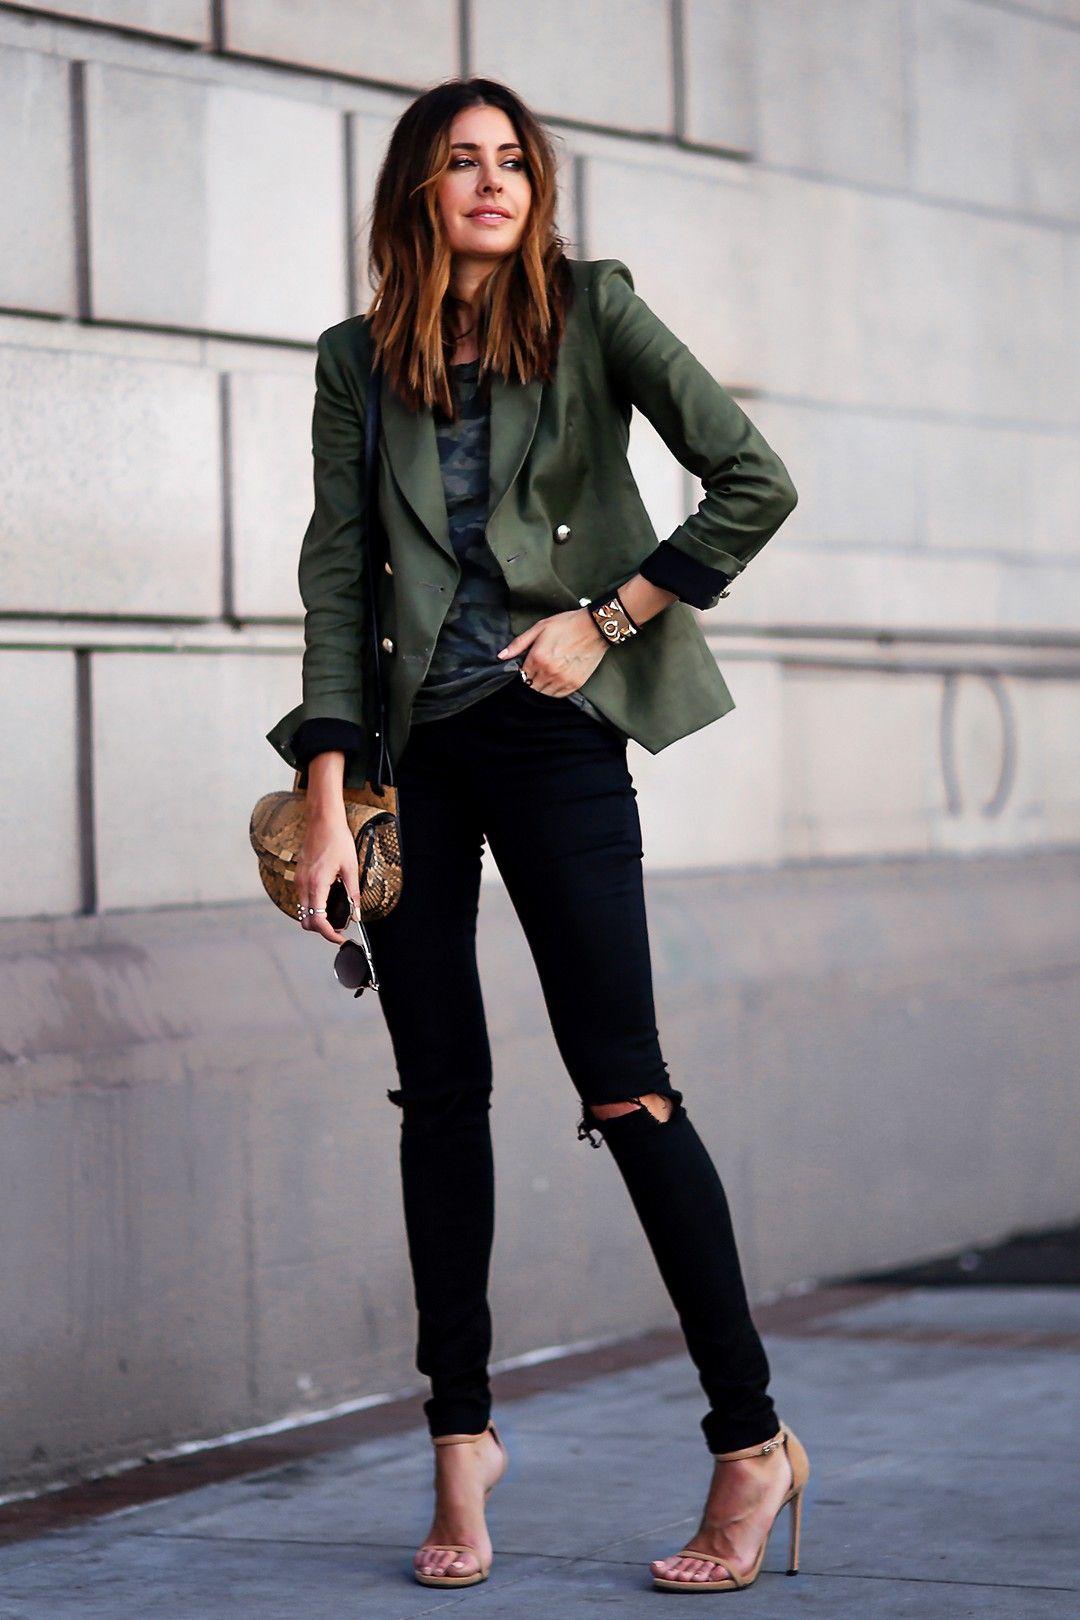 c5e24a2e54 Conjuntos con Jeans Calzas